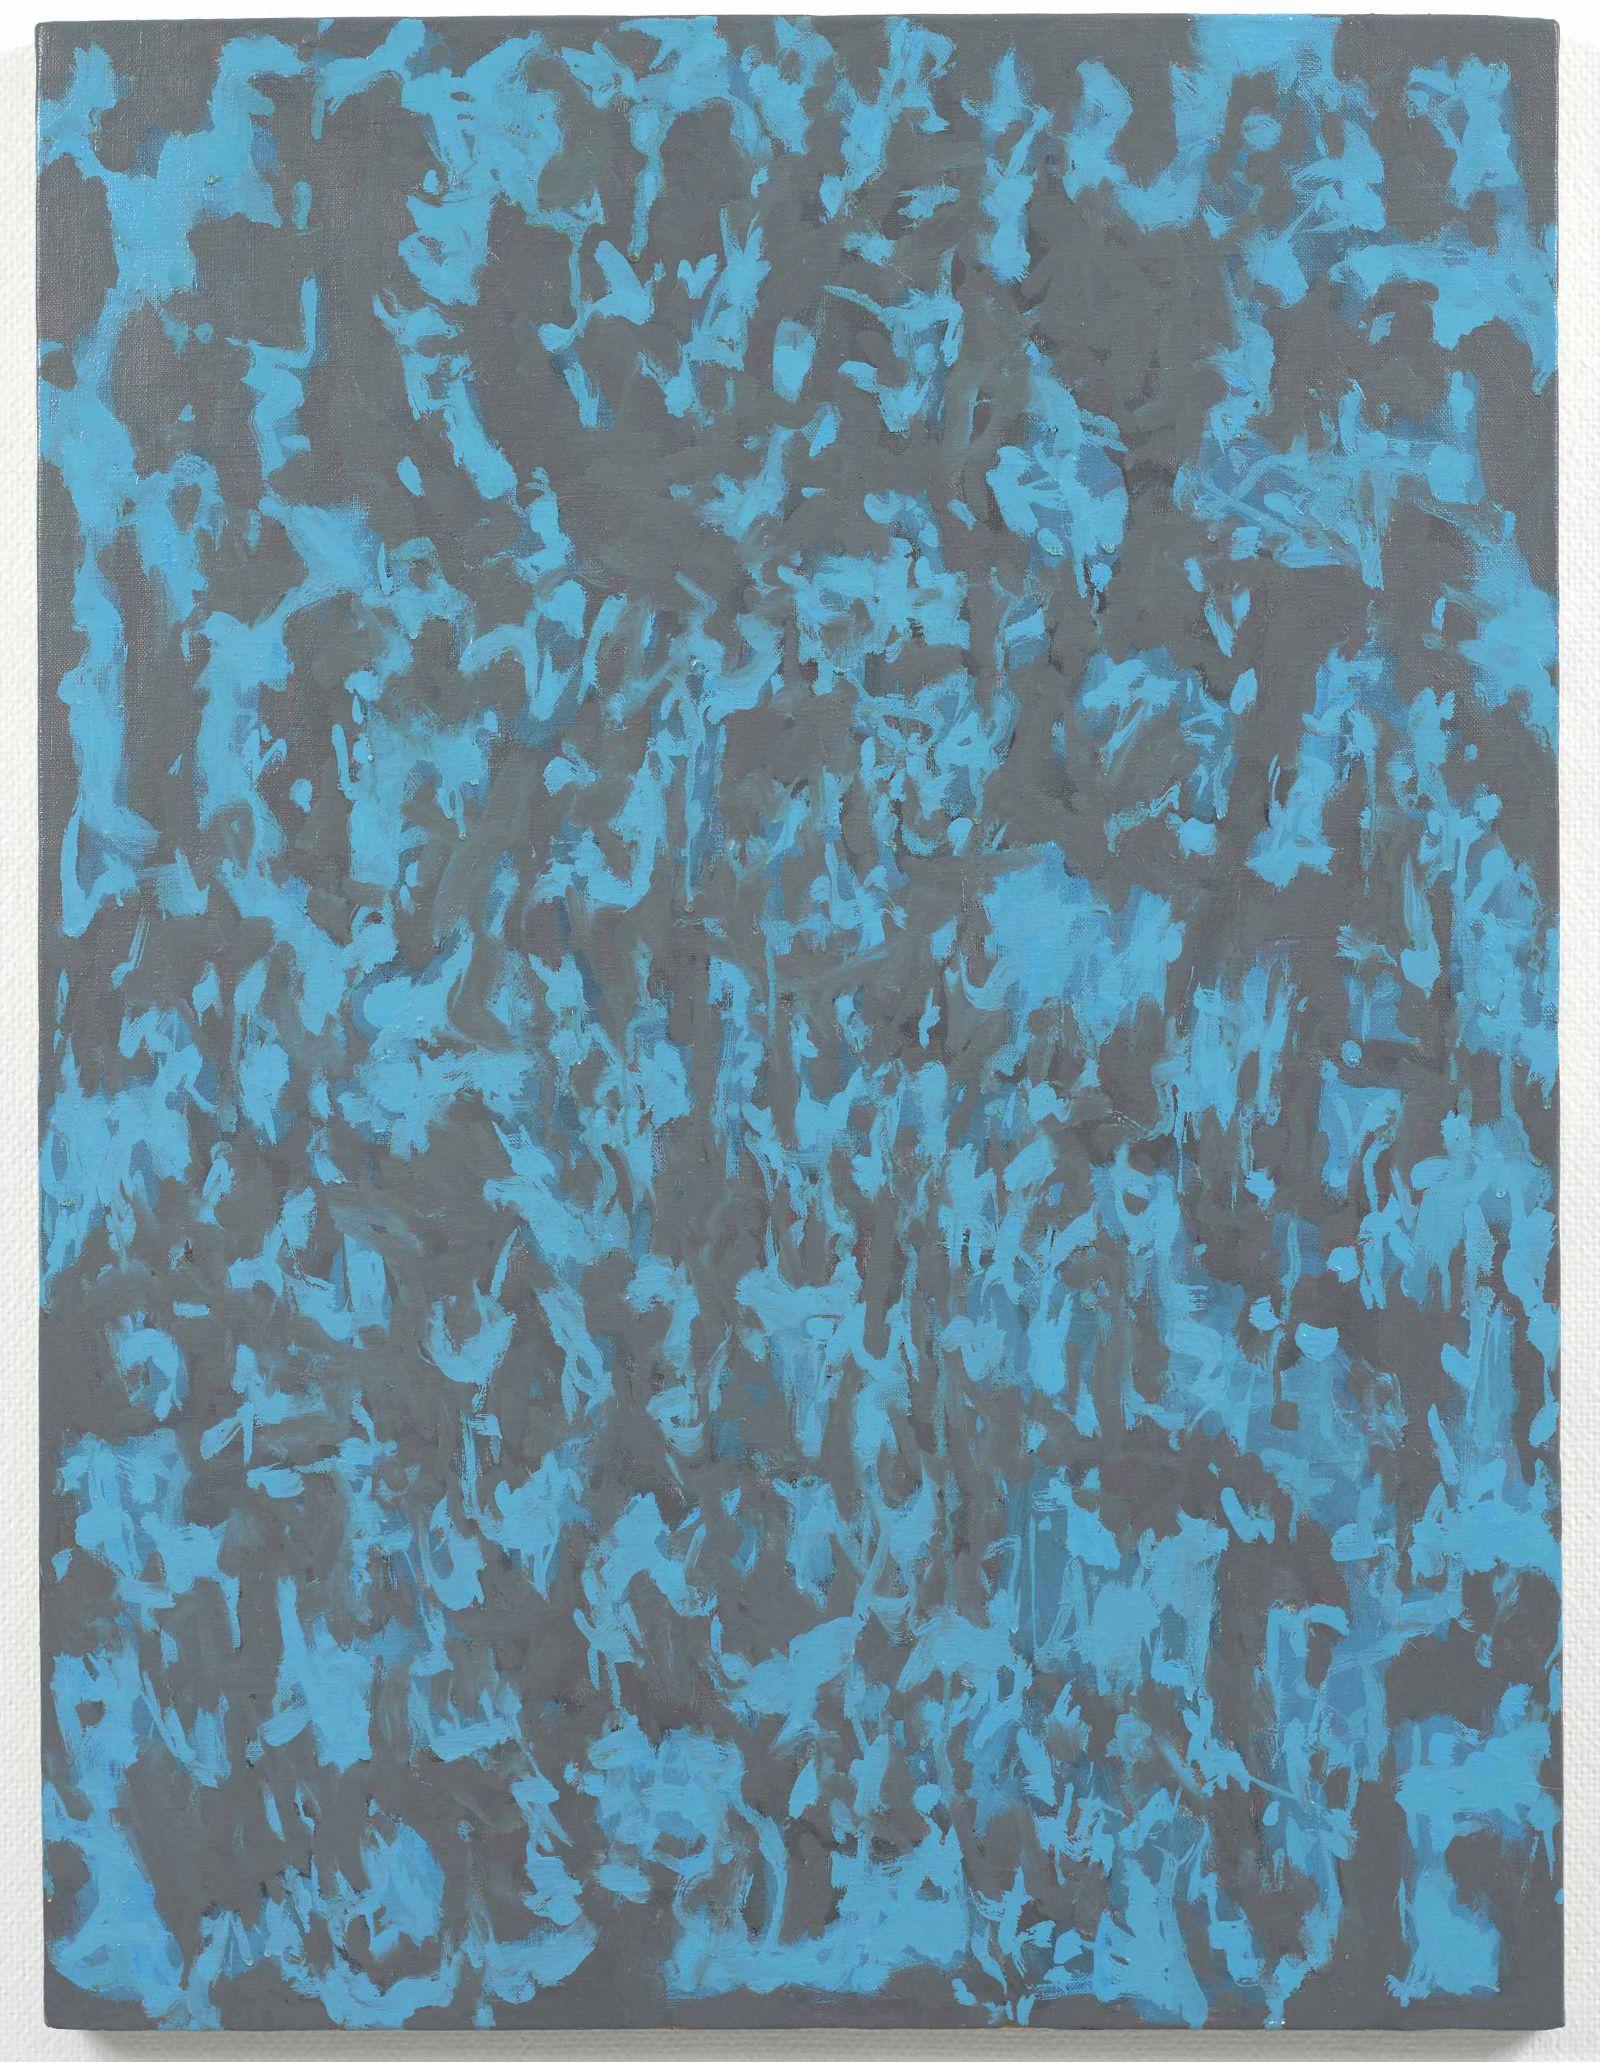 Fence-girigiri-2013-c16-hekiko2_1